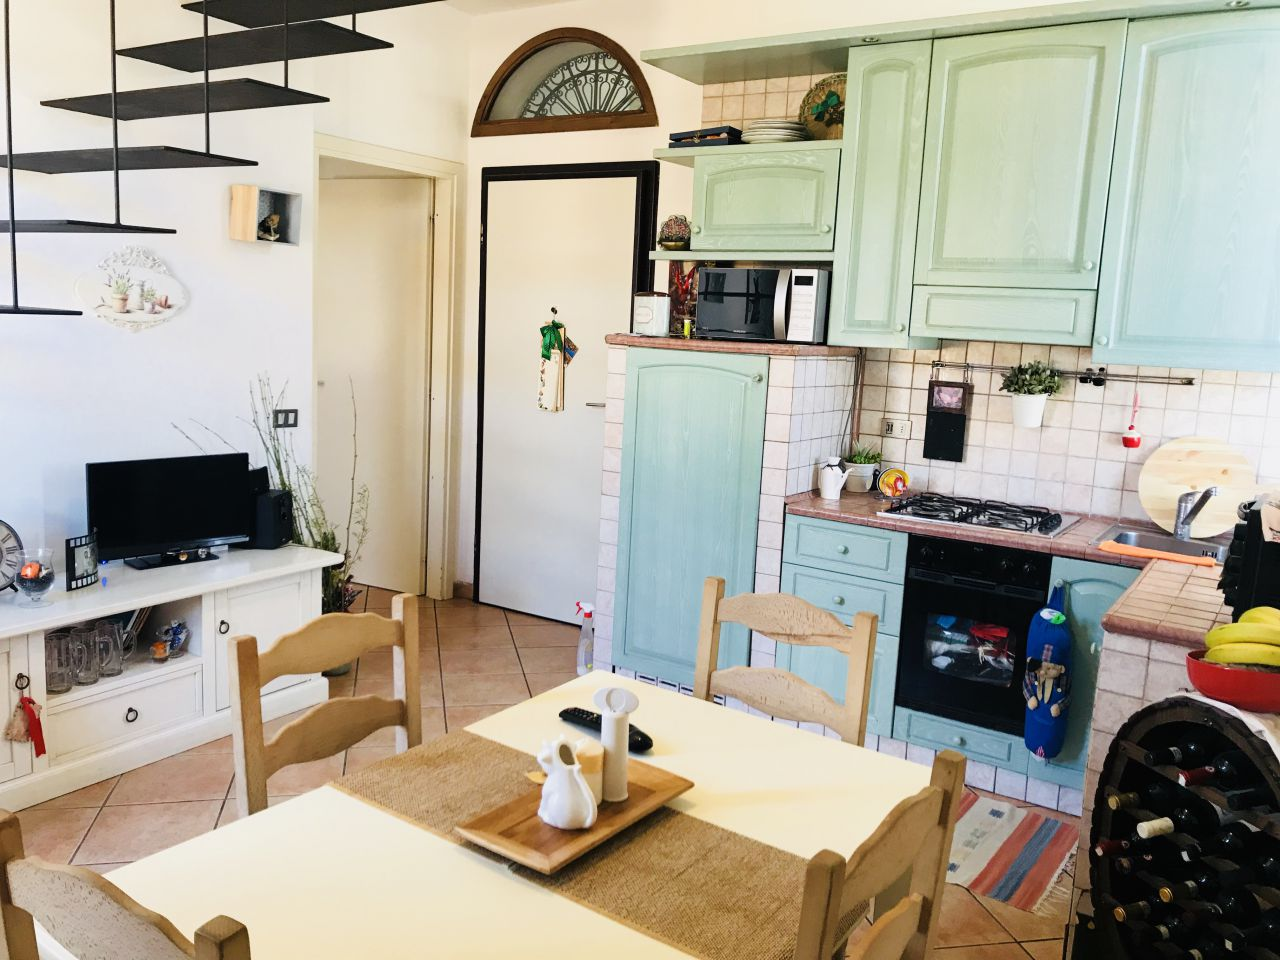 Appartamento in vendita a Grosseto, 4 locali, prezzo € 149.000 | CambioCasa.it